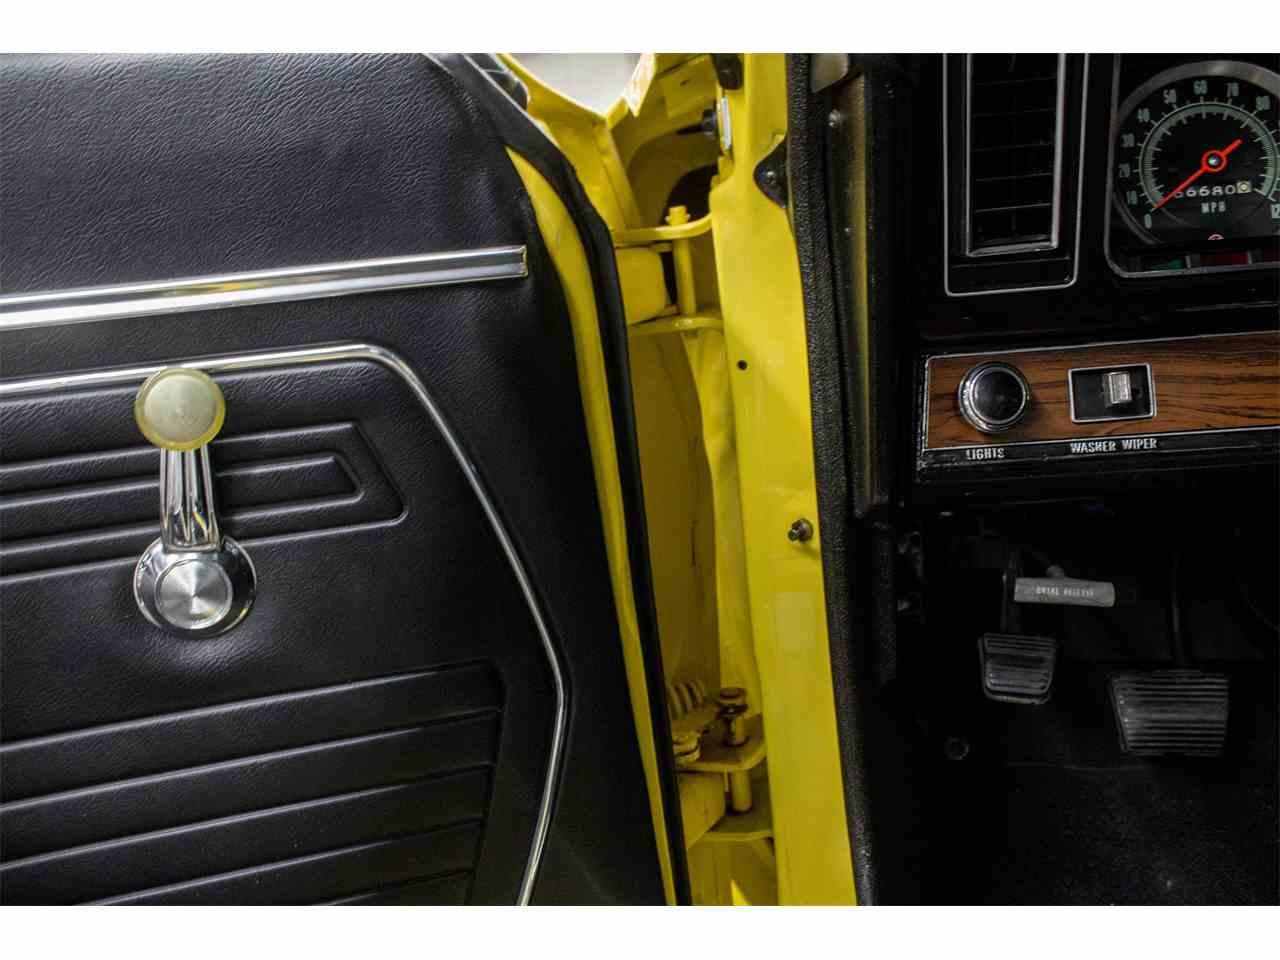 Large Picture of Classic 1969 Camaro Z28 located in Quebec - $79,000.00 - M8KS